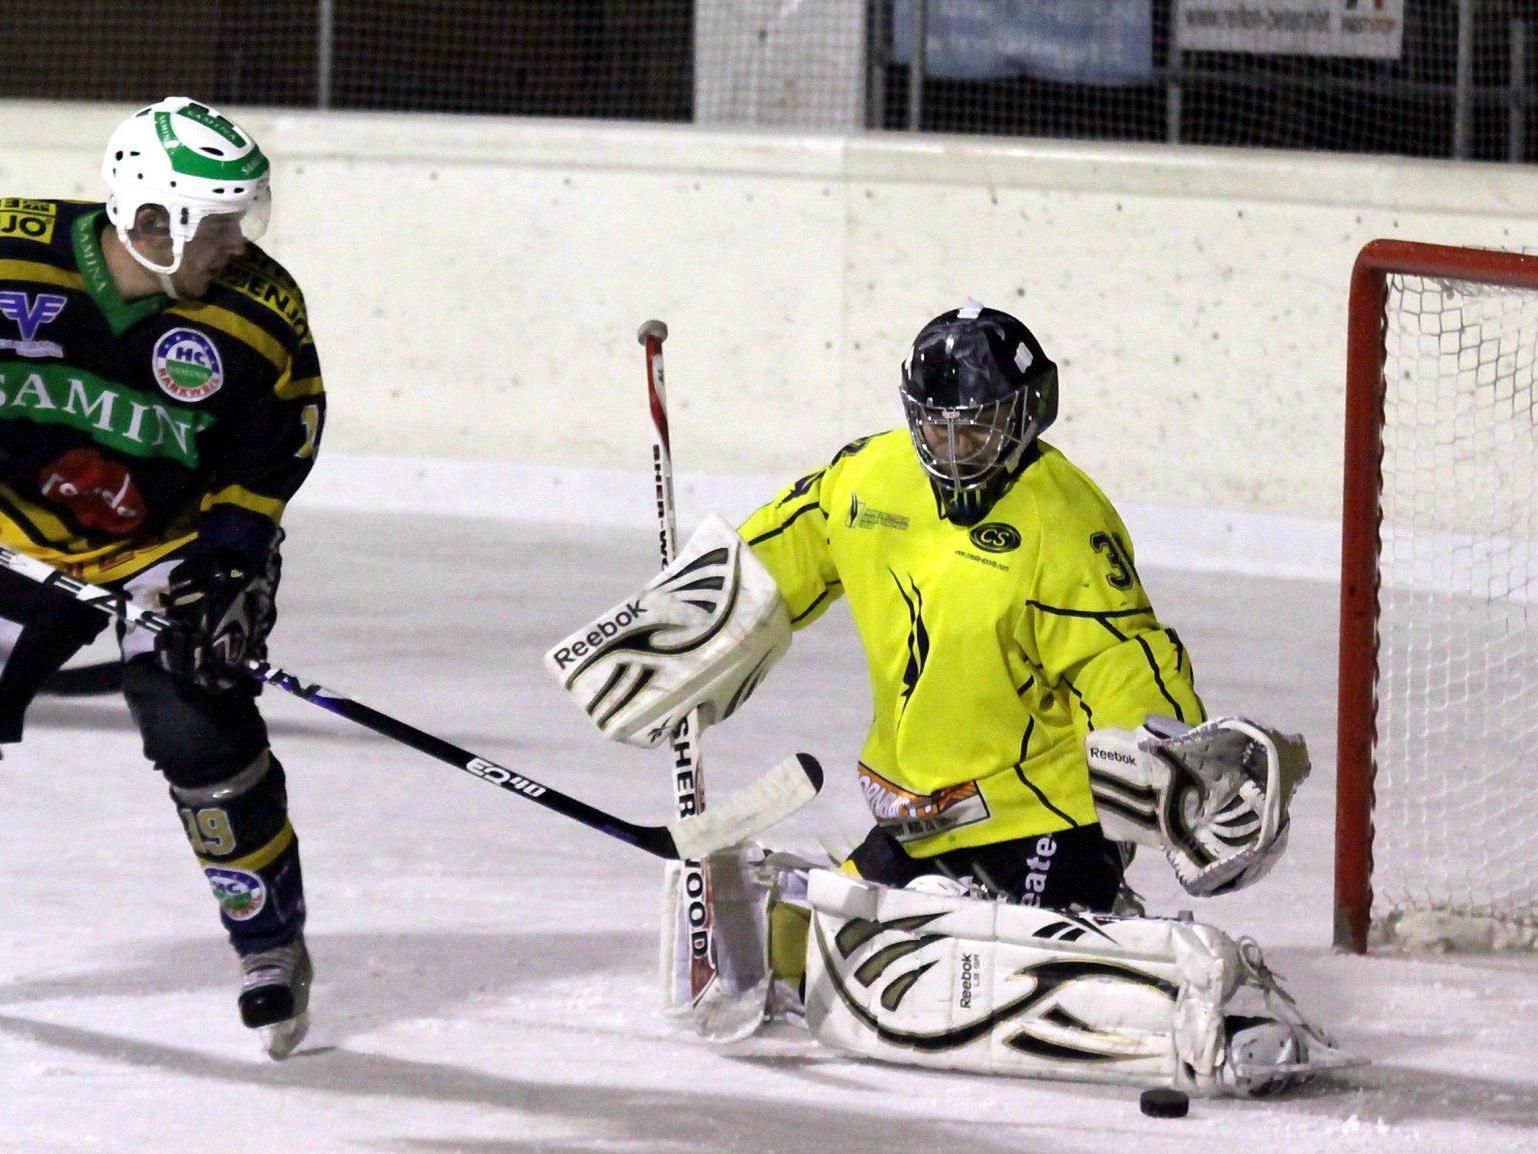 Meister HSC Hohenems verlor das erste Finalspiel gegen HC Samina Rankweil mit 5:8.